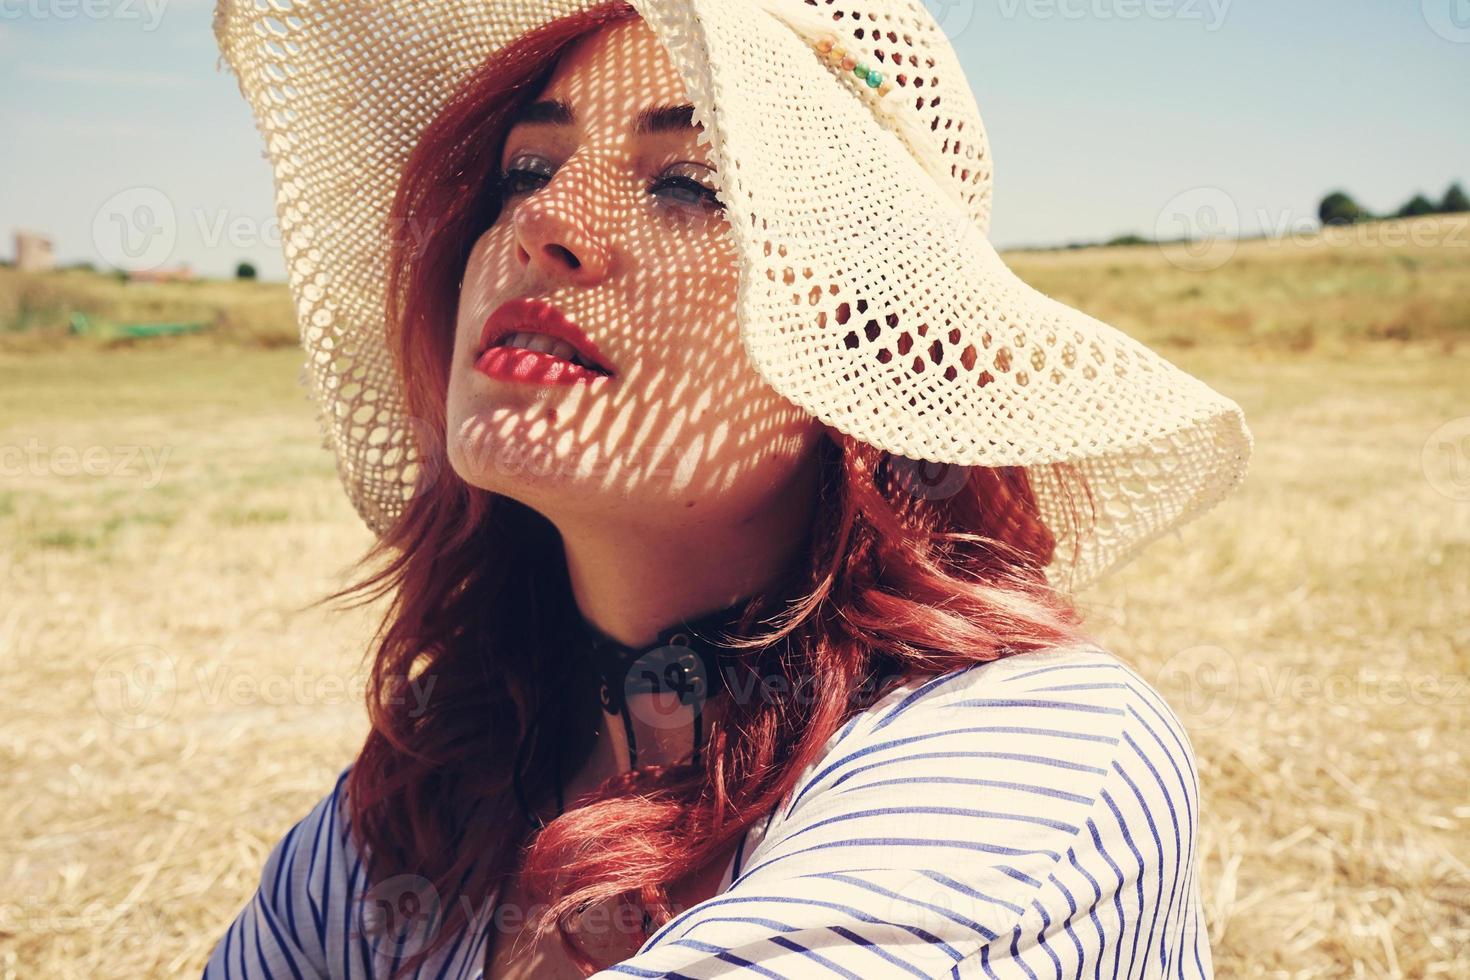 giovane donna dai capelli rossi che copre dal sole foto